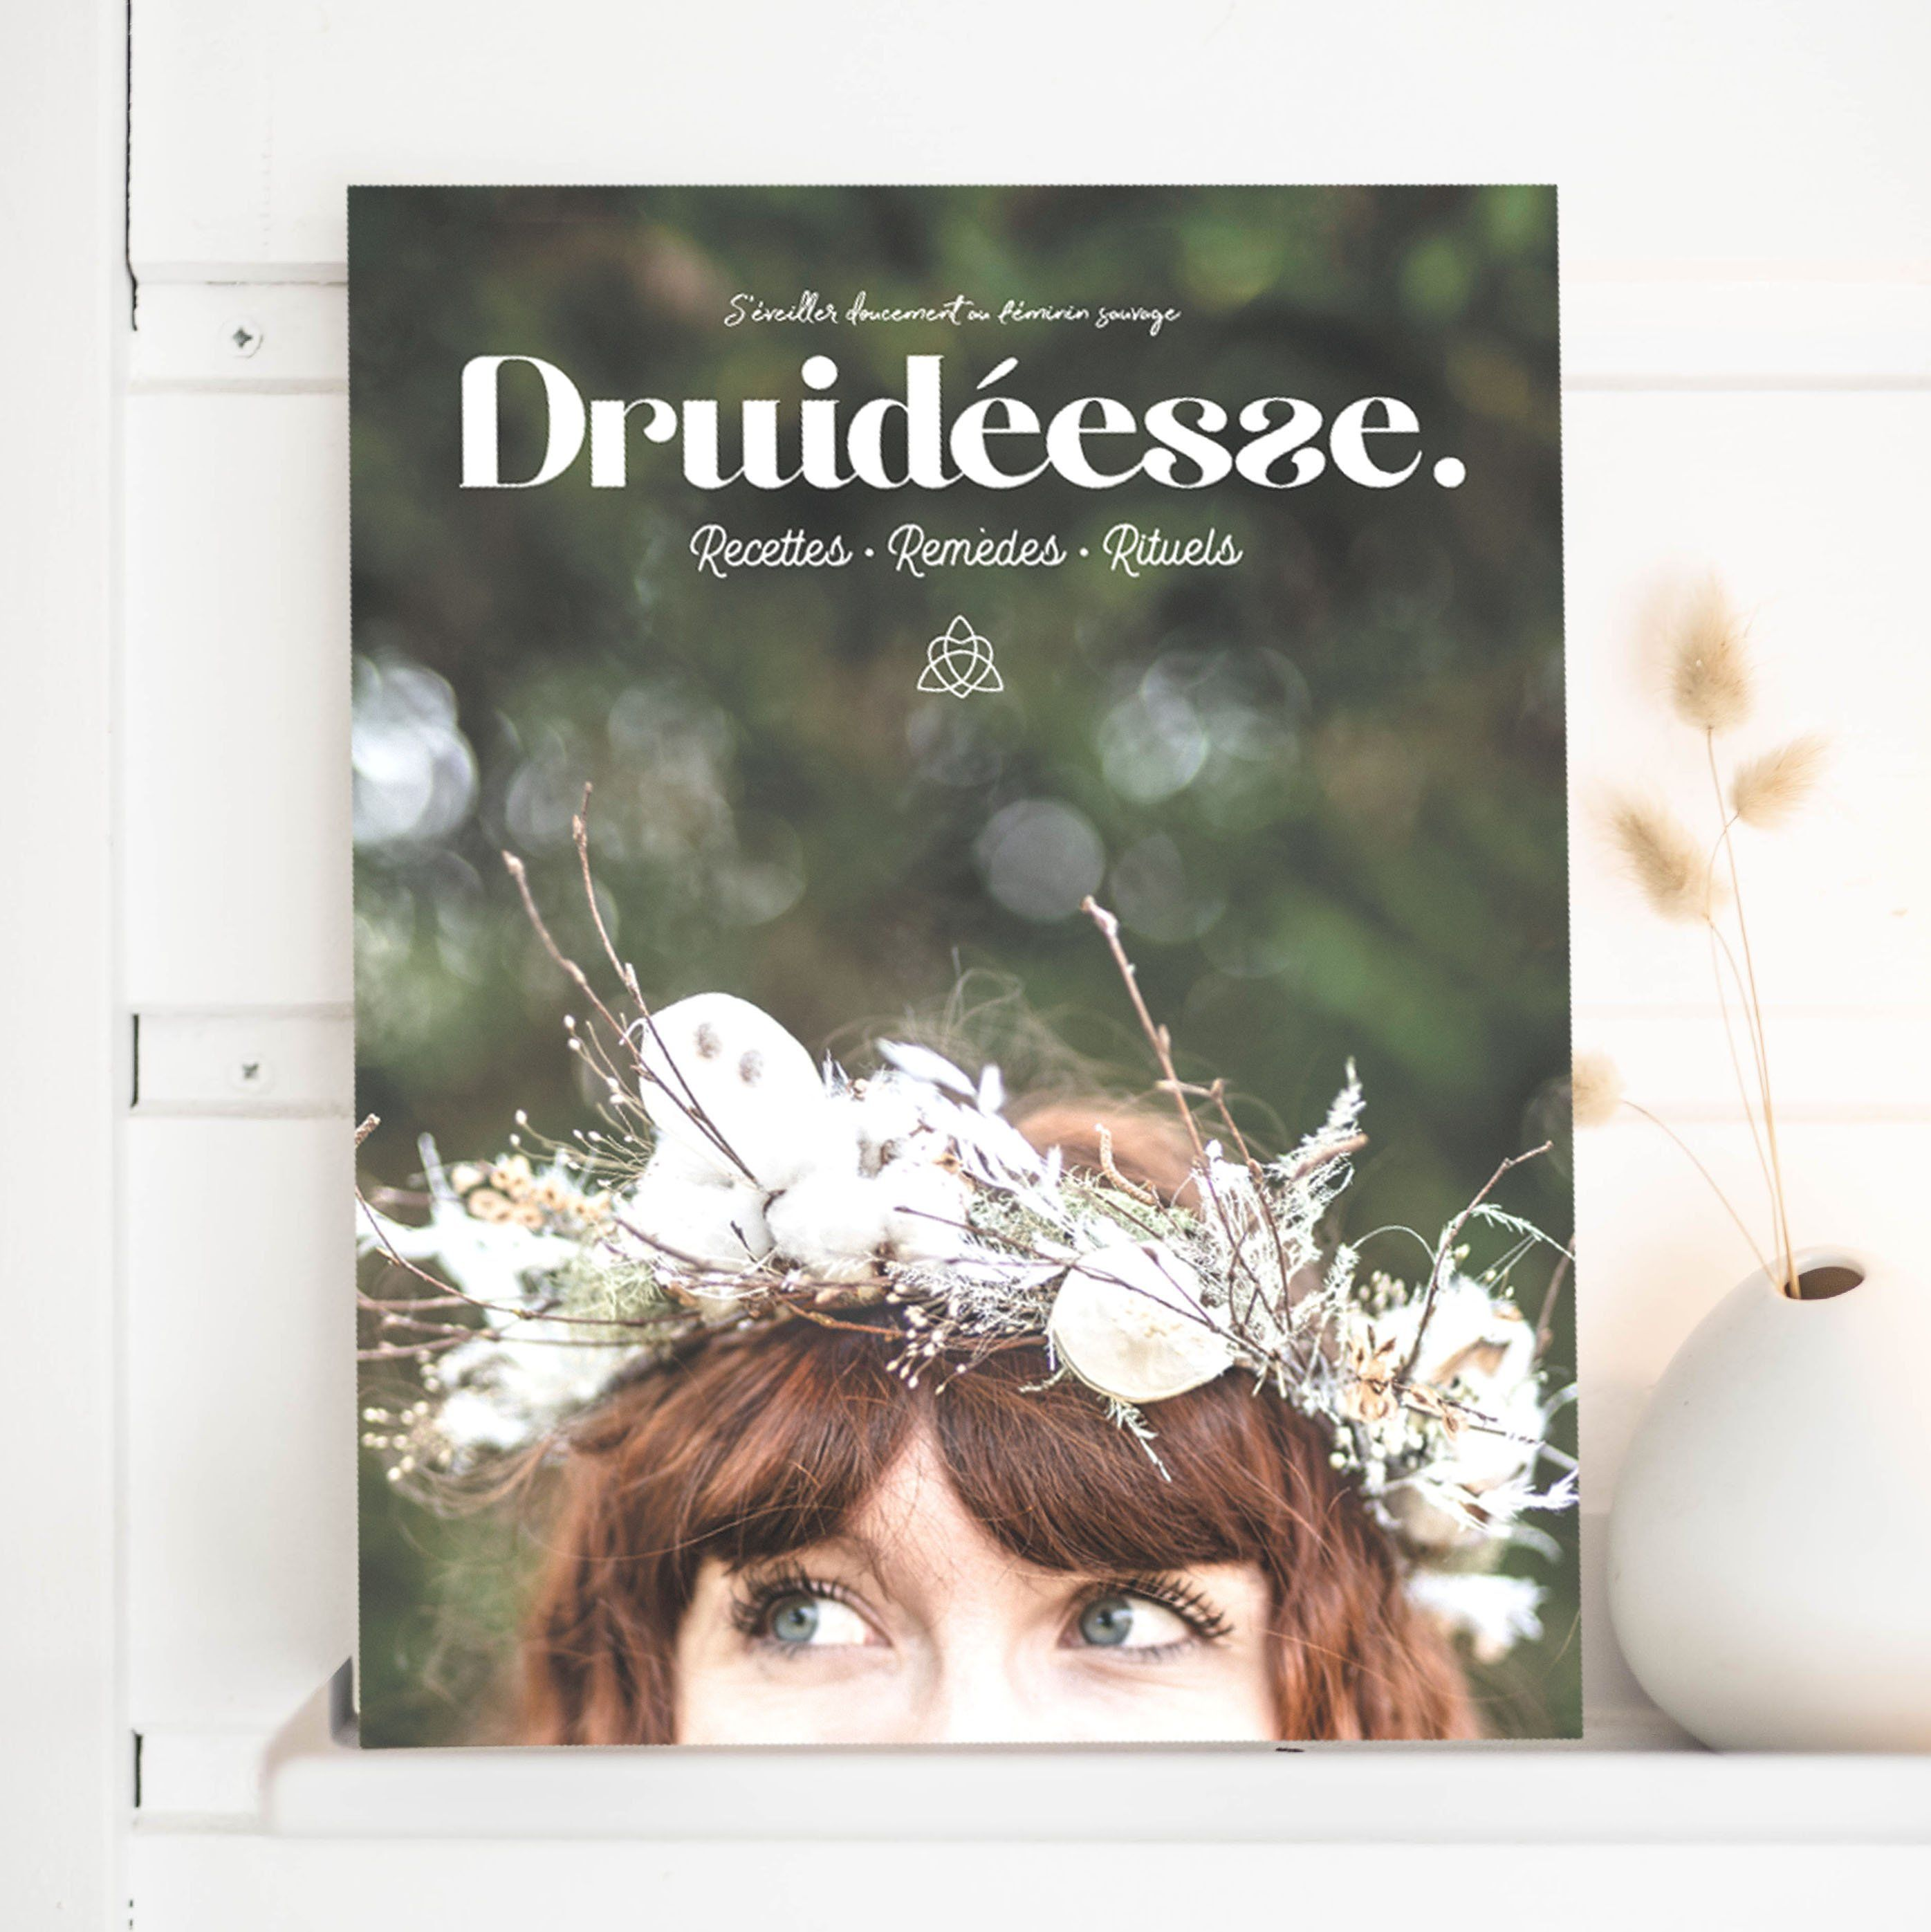 Commandez Votre Volume De Druideesse 3 De L Equinoxe De Septembre